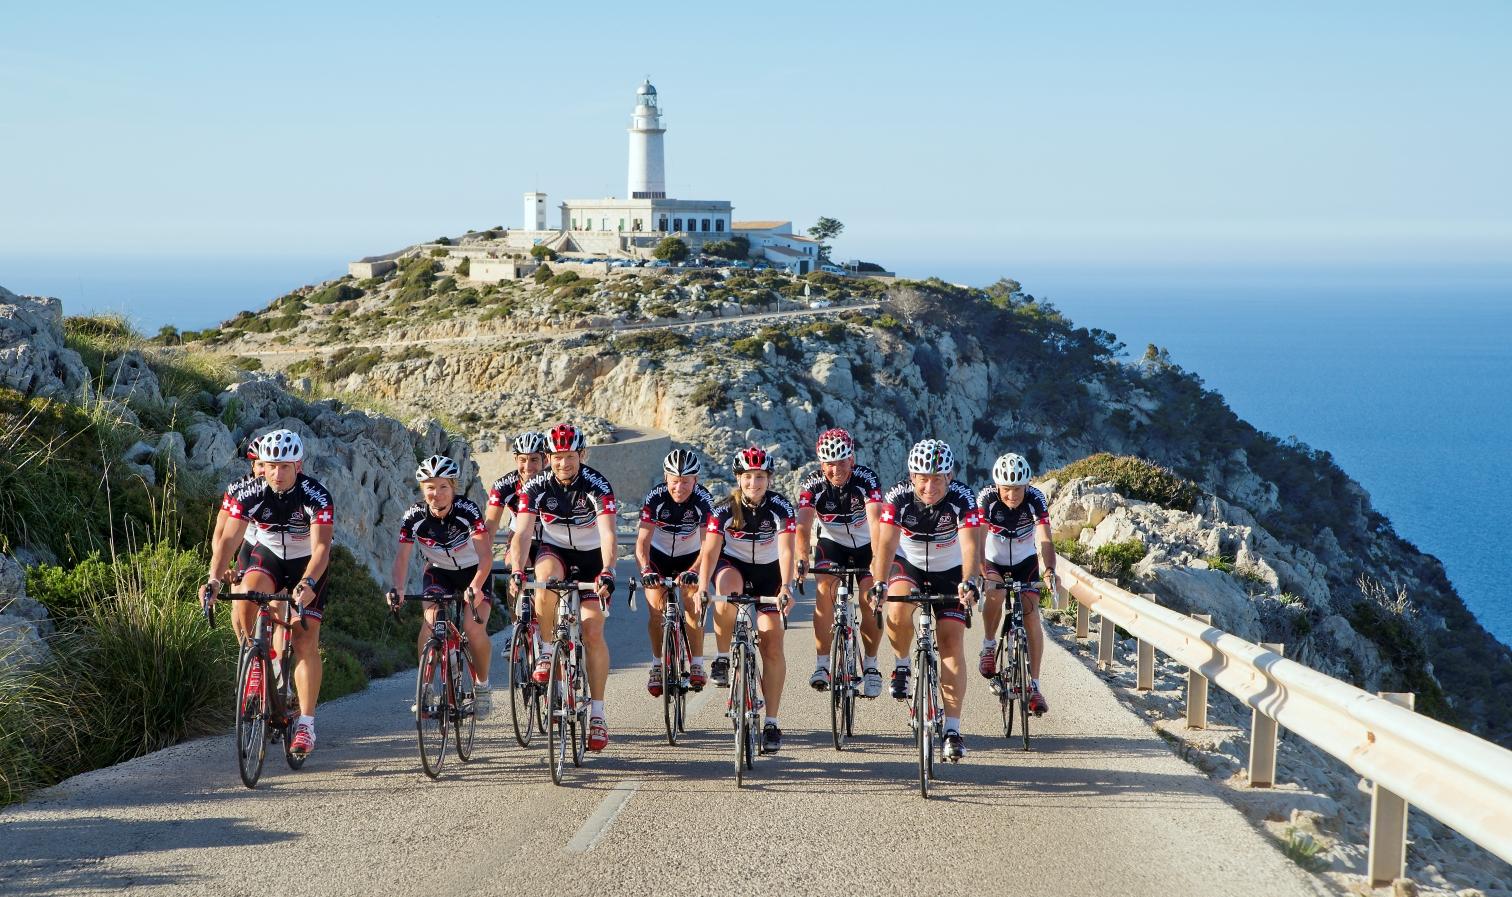 Radrundfahrt im Frühling: Spaß und Sport auf der Balearen-Radtour Mallorca & Menorca